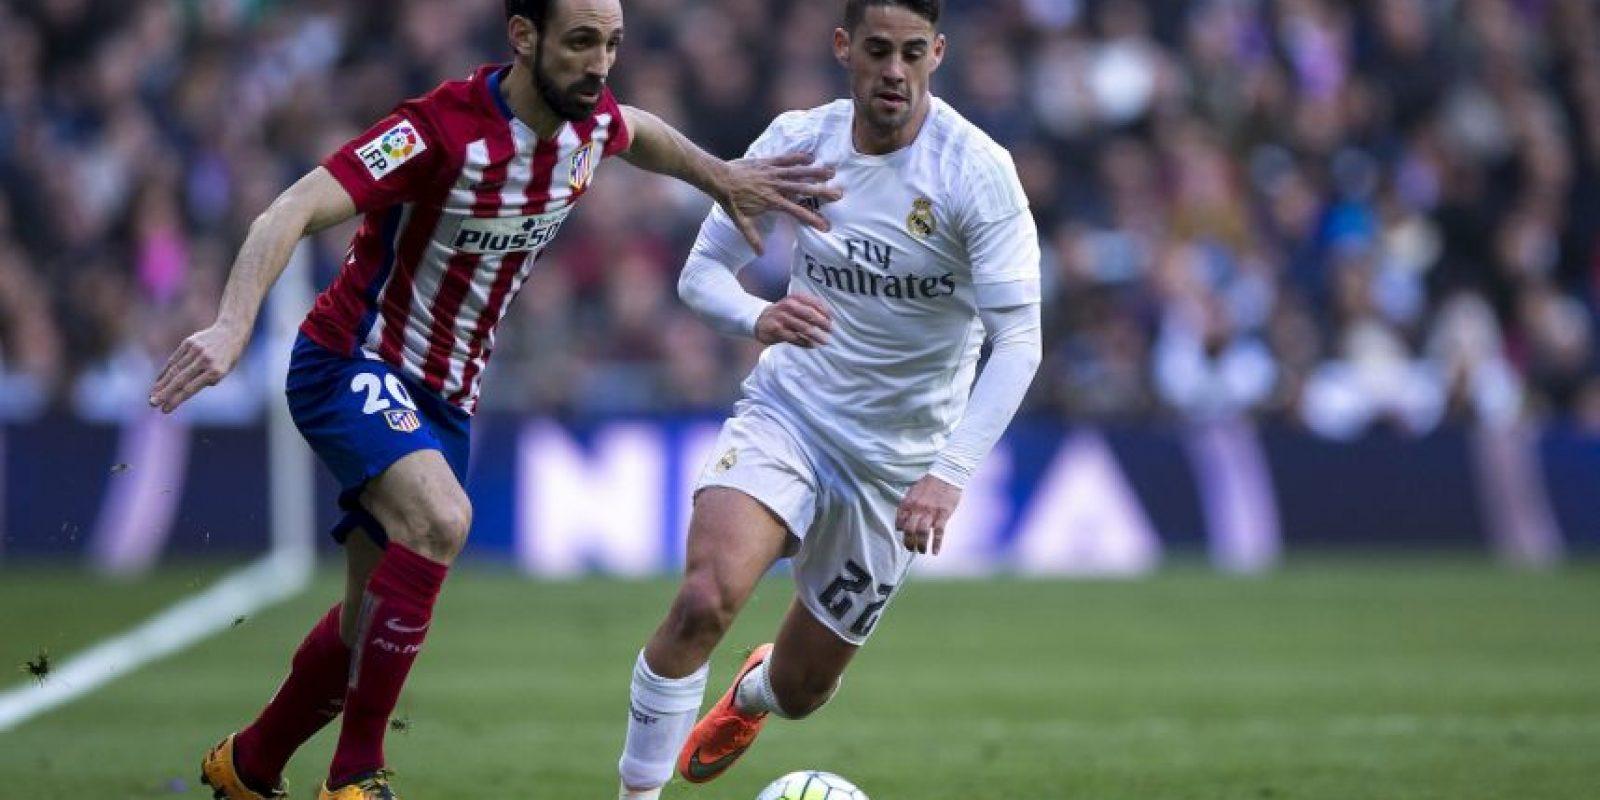 Repiten el derbi de Madrid dos años después Foto:Getty Images